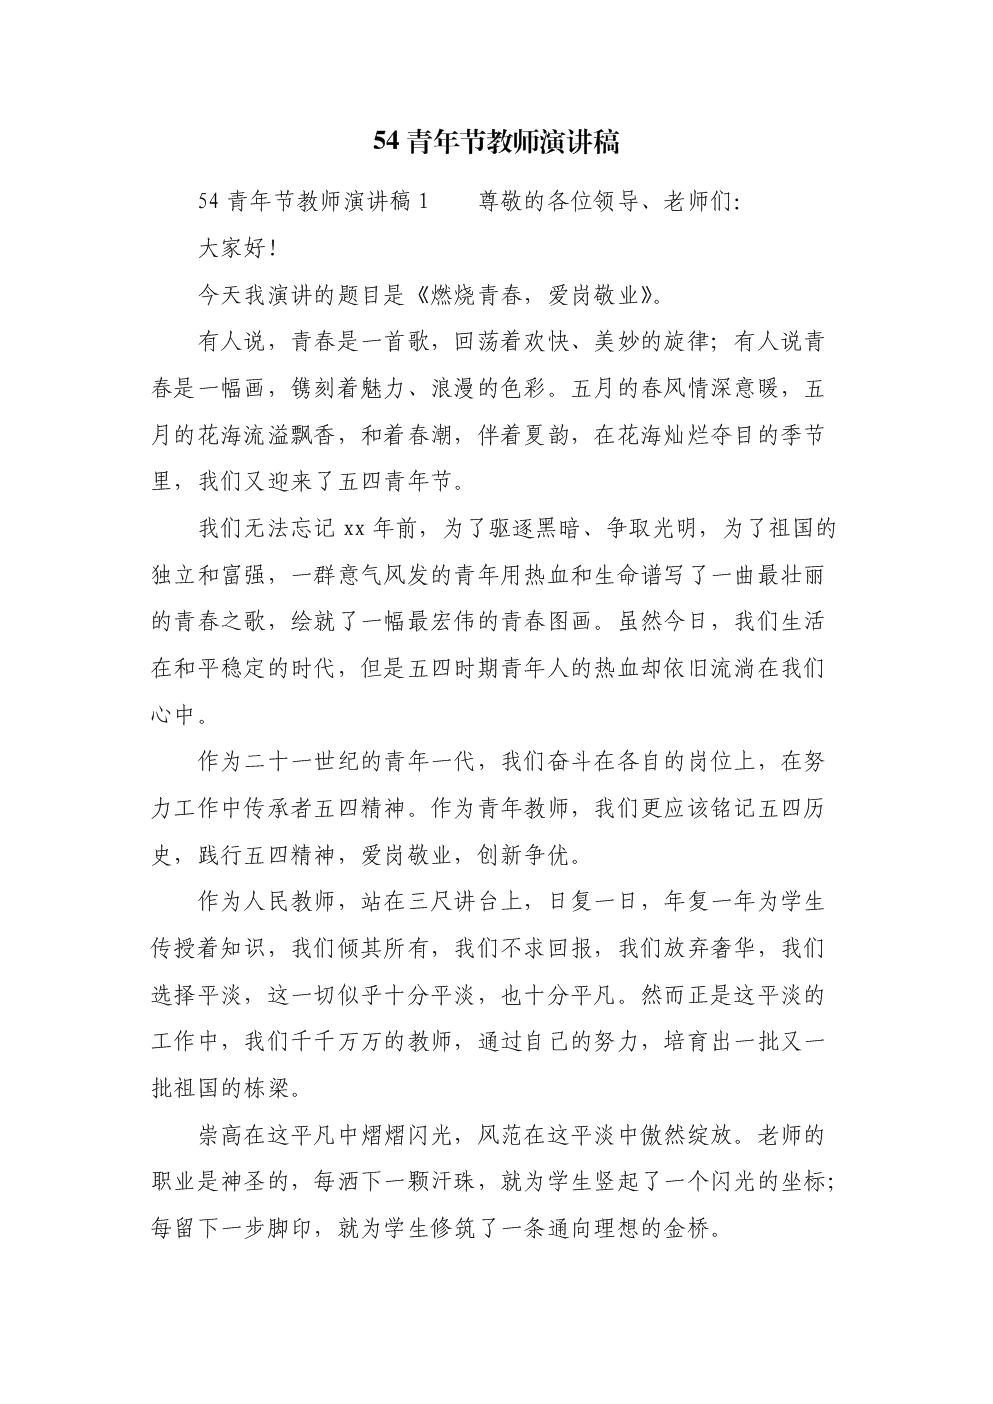 (精选)54青年节教师演讲稿.doc